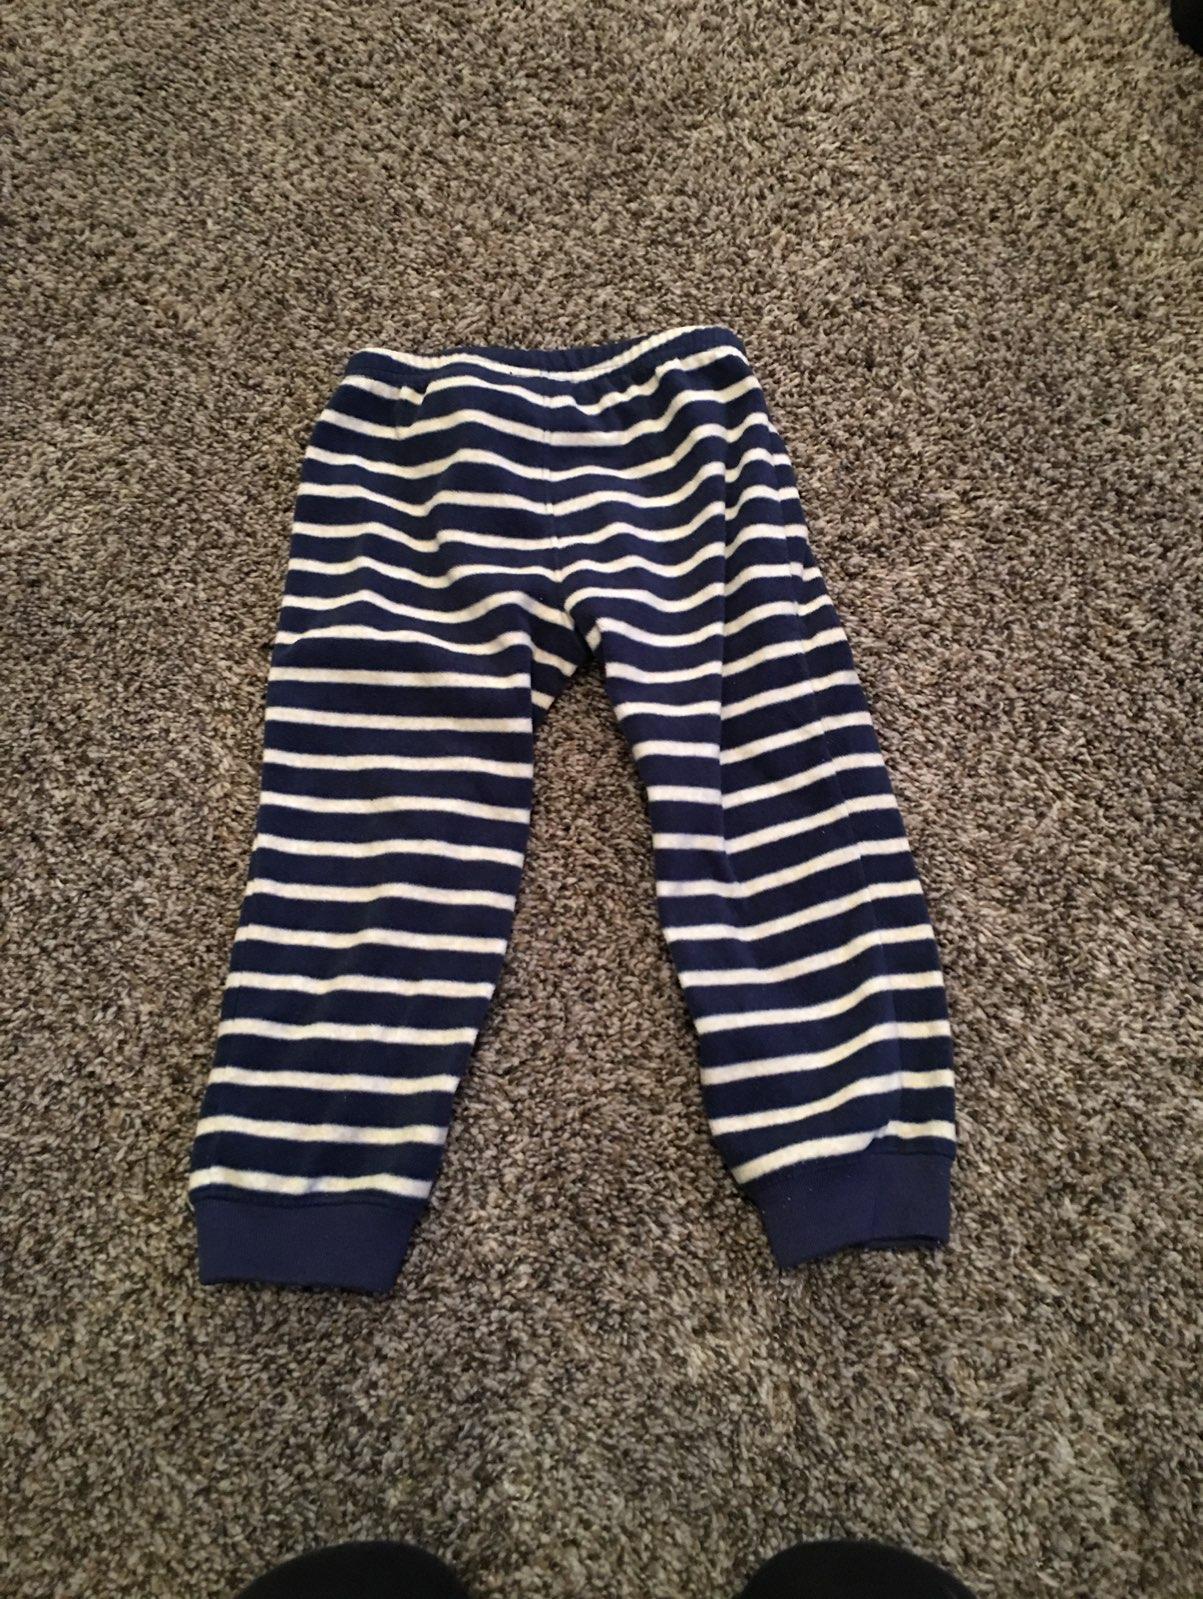 Toddler Boy Pants